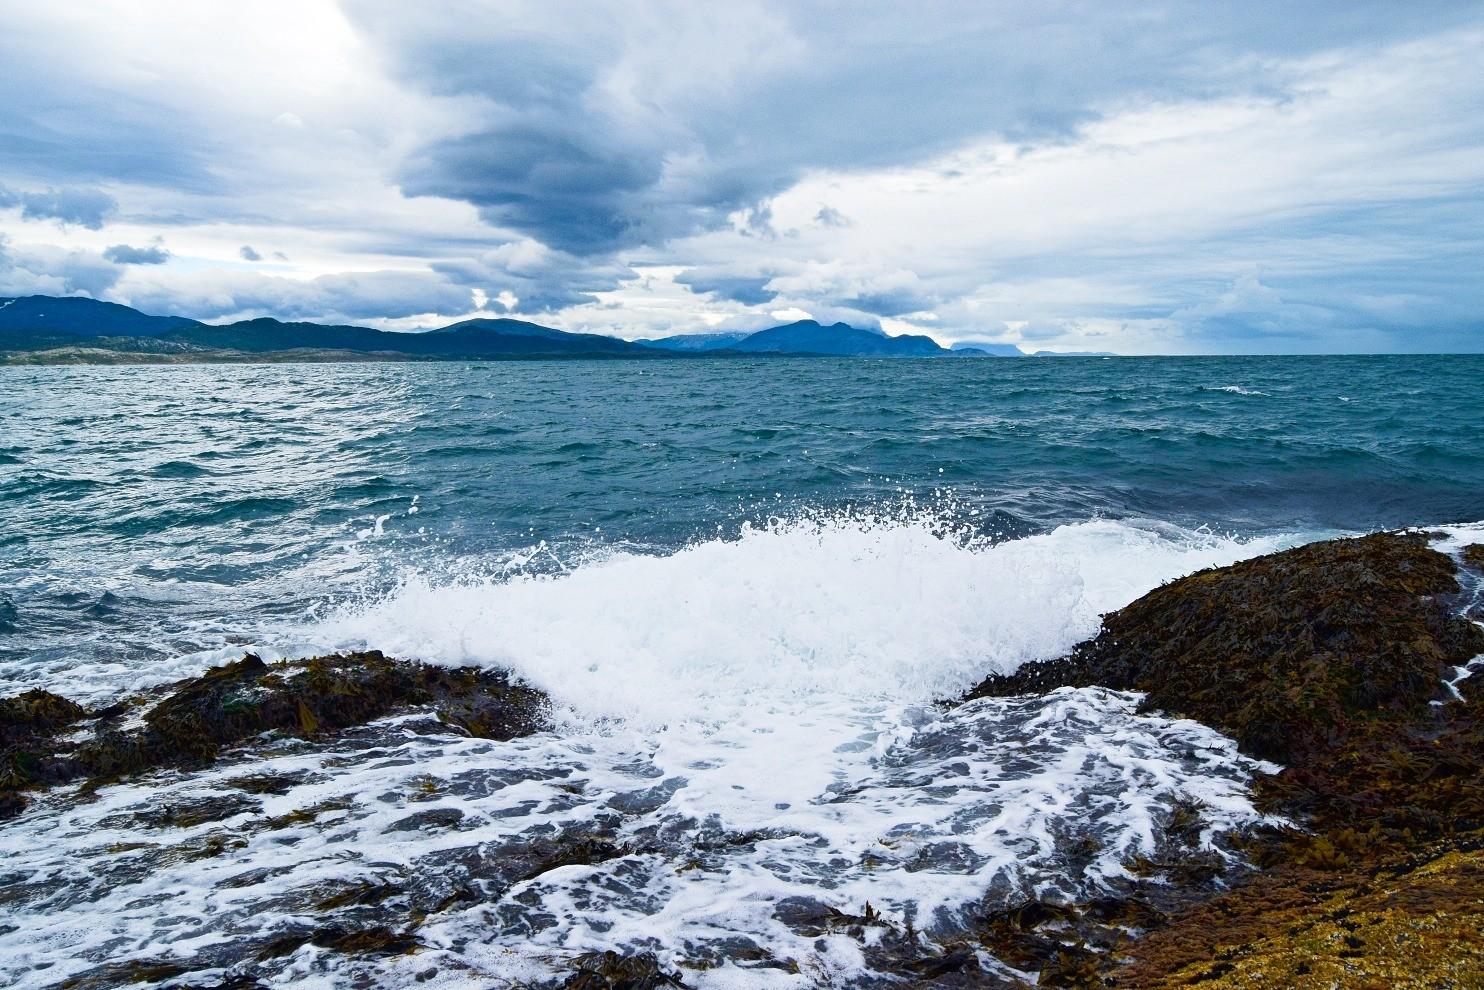 Bølger Og Skyer